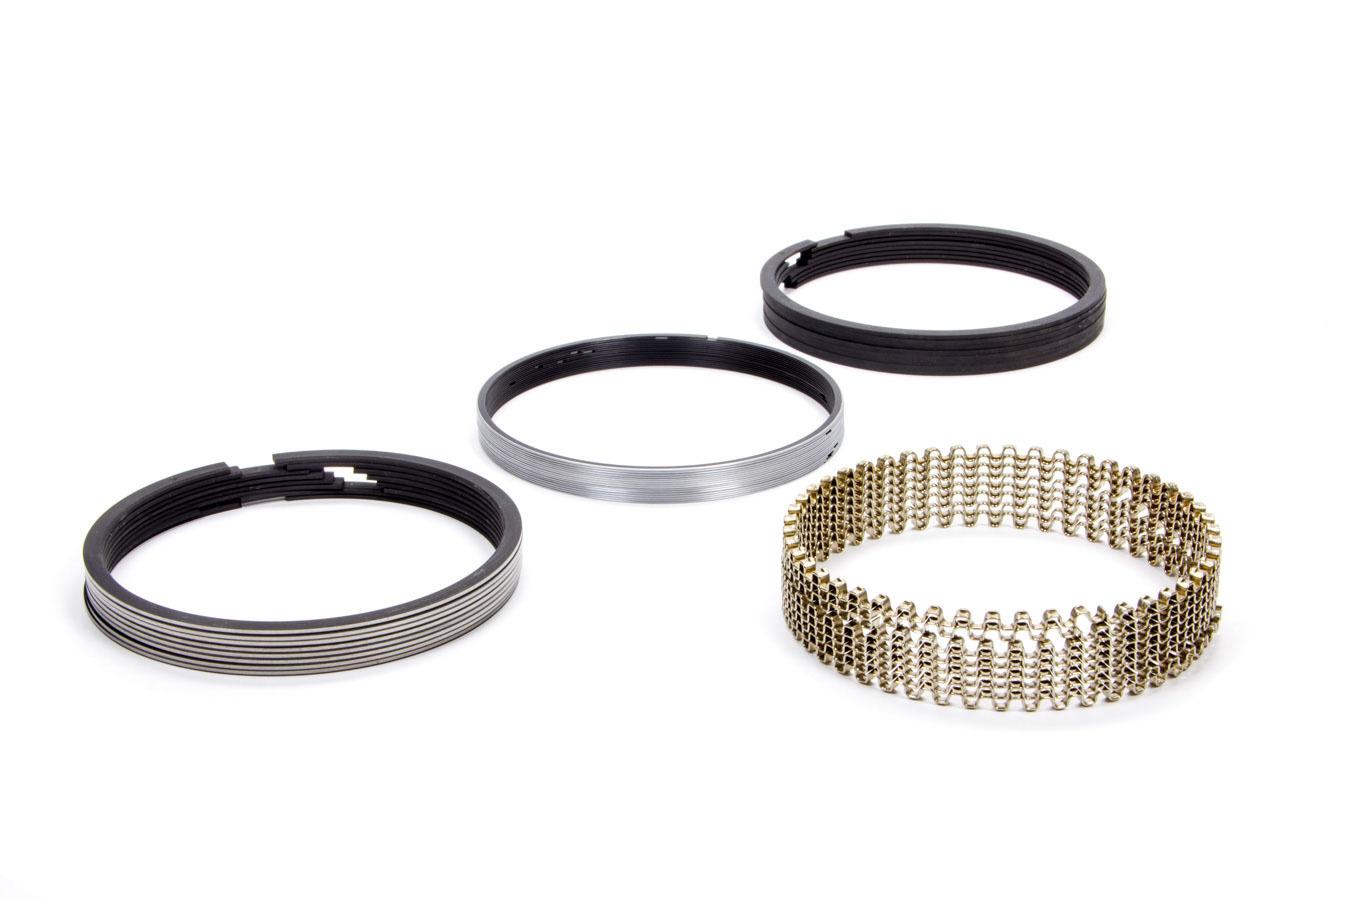 Piston Ring Set 4.125 1/16 1/16 3/16